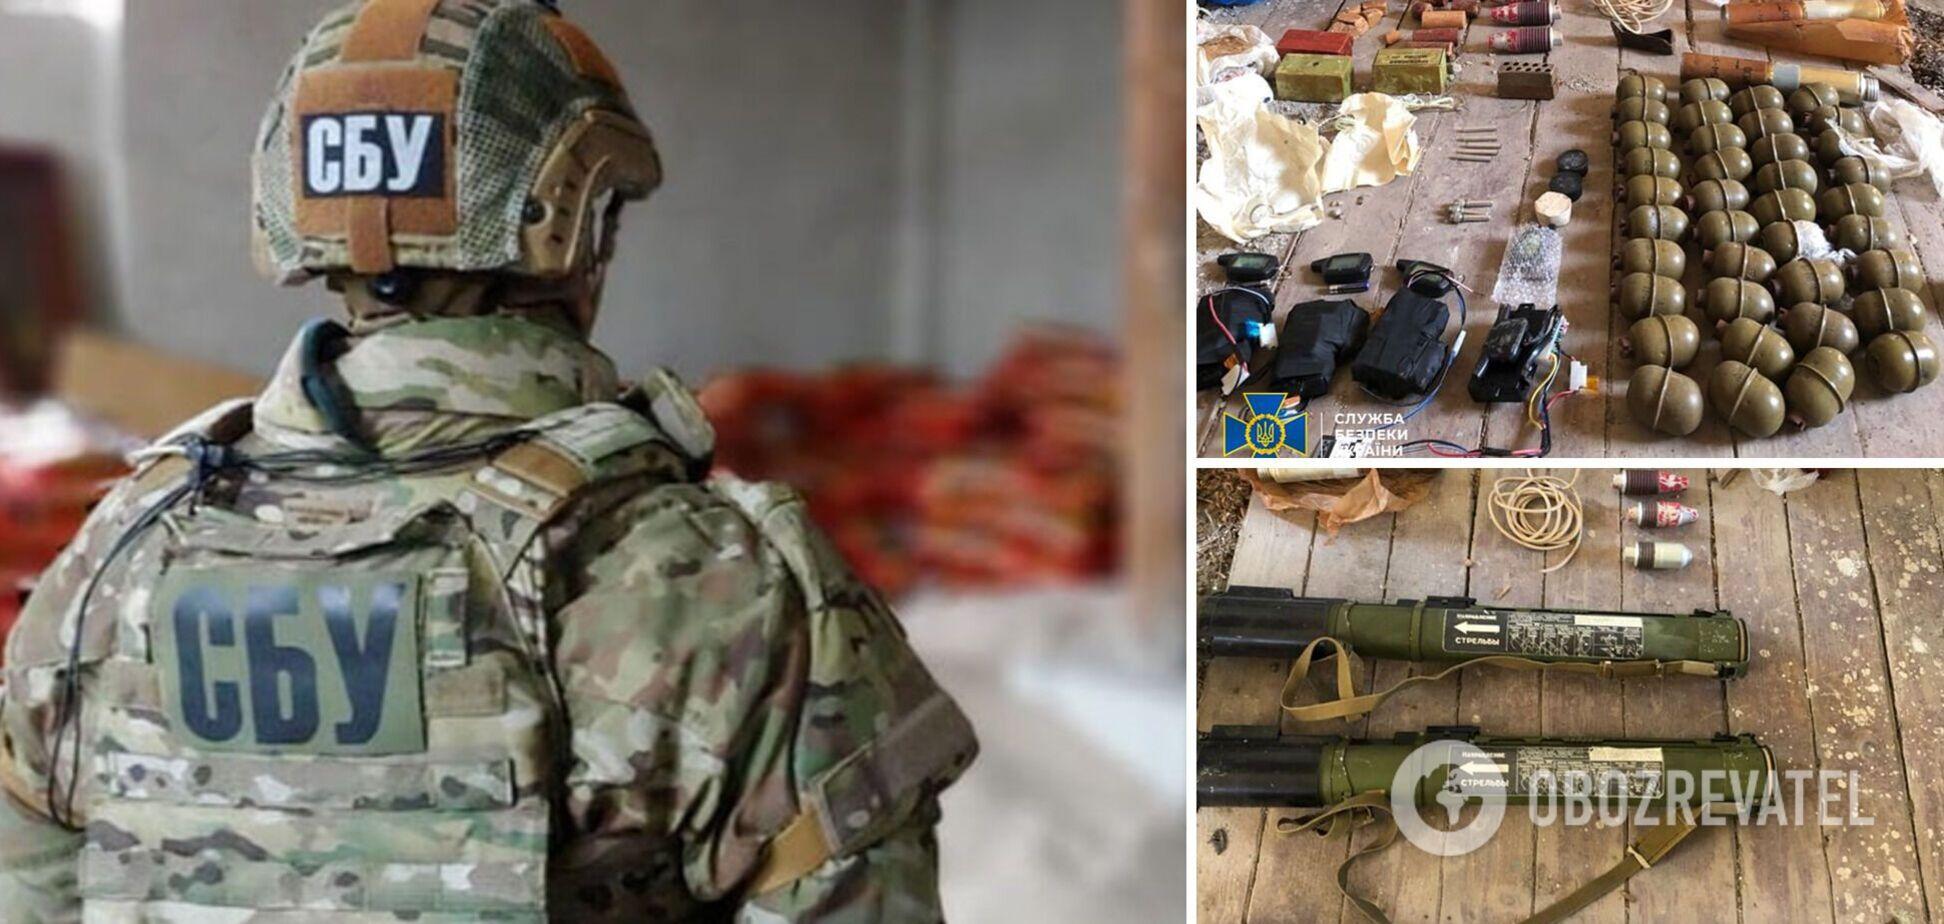 На Закарпатье обнаружили тайник со взрывчаткой и противотанковыми гранатами. Фото